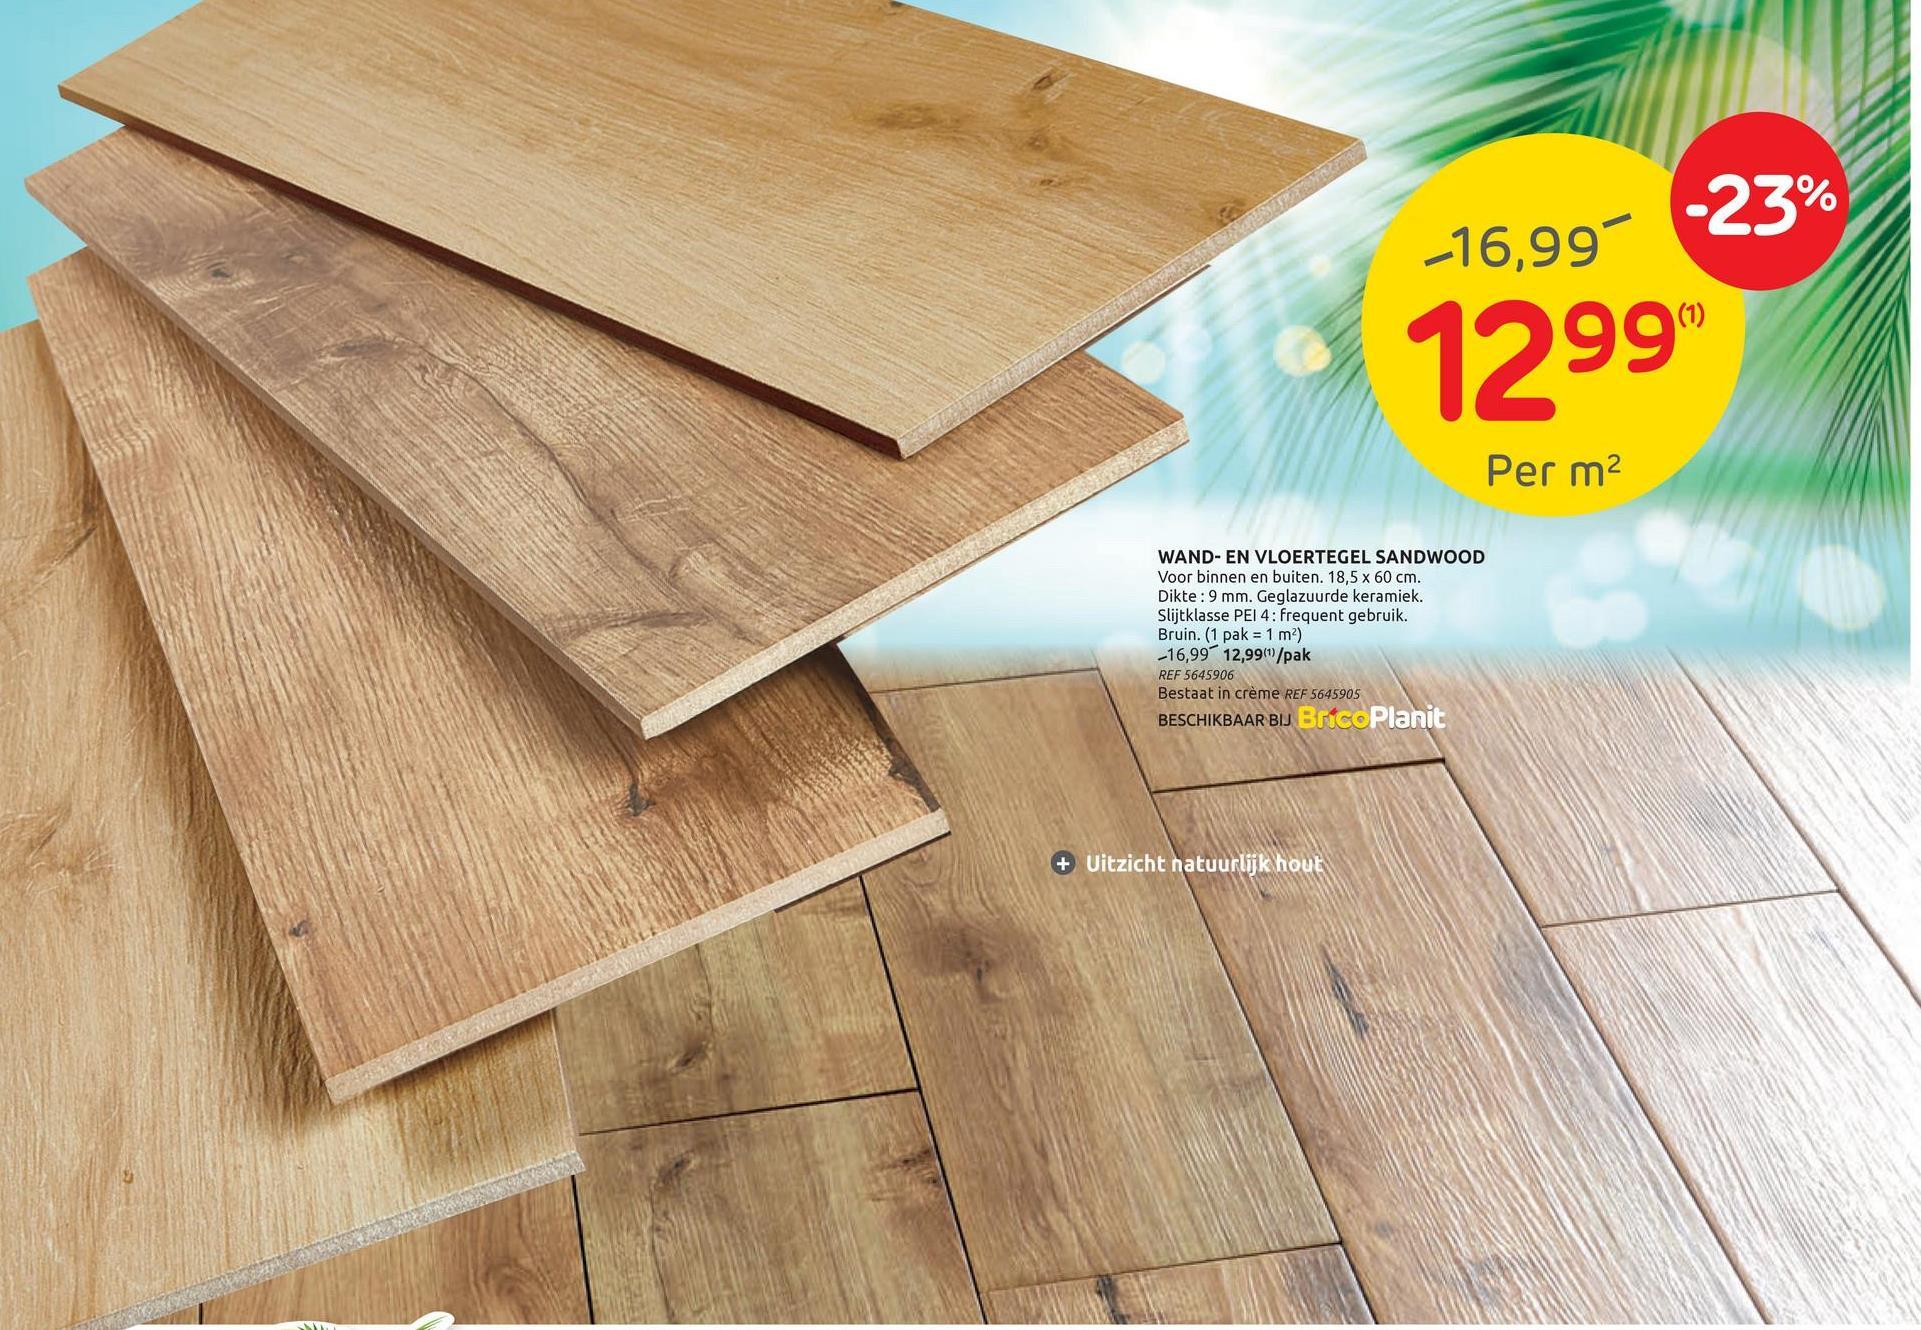 Carrelage sol Sandwood crème 18,5x60cm Vous cherchez un beau revêtement de sol qui correspond à votre goût de la nature et à votre intérieur chaleureux? Ne cherchez plus! Grâce au carrelage sol Sandwood avec ces carreaux céramiques à l'aspect bois de couleur crème, vous pouvez à peine voir la différence avec du vrai bois. Les carreaux ont une taille de 18,5 par 60 cm, avec une épaisseur de 9 mm et un dallage d'une superficie de 1 m². Le carrelage est doté d'une finition rabotée et peut être placé à l'intérieur tout comme à l'extérieur.